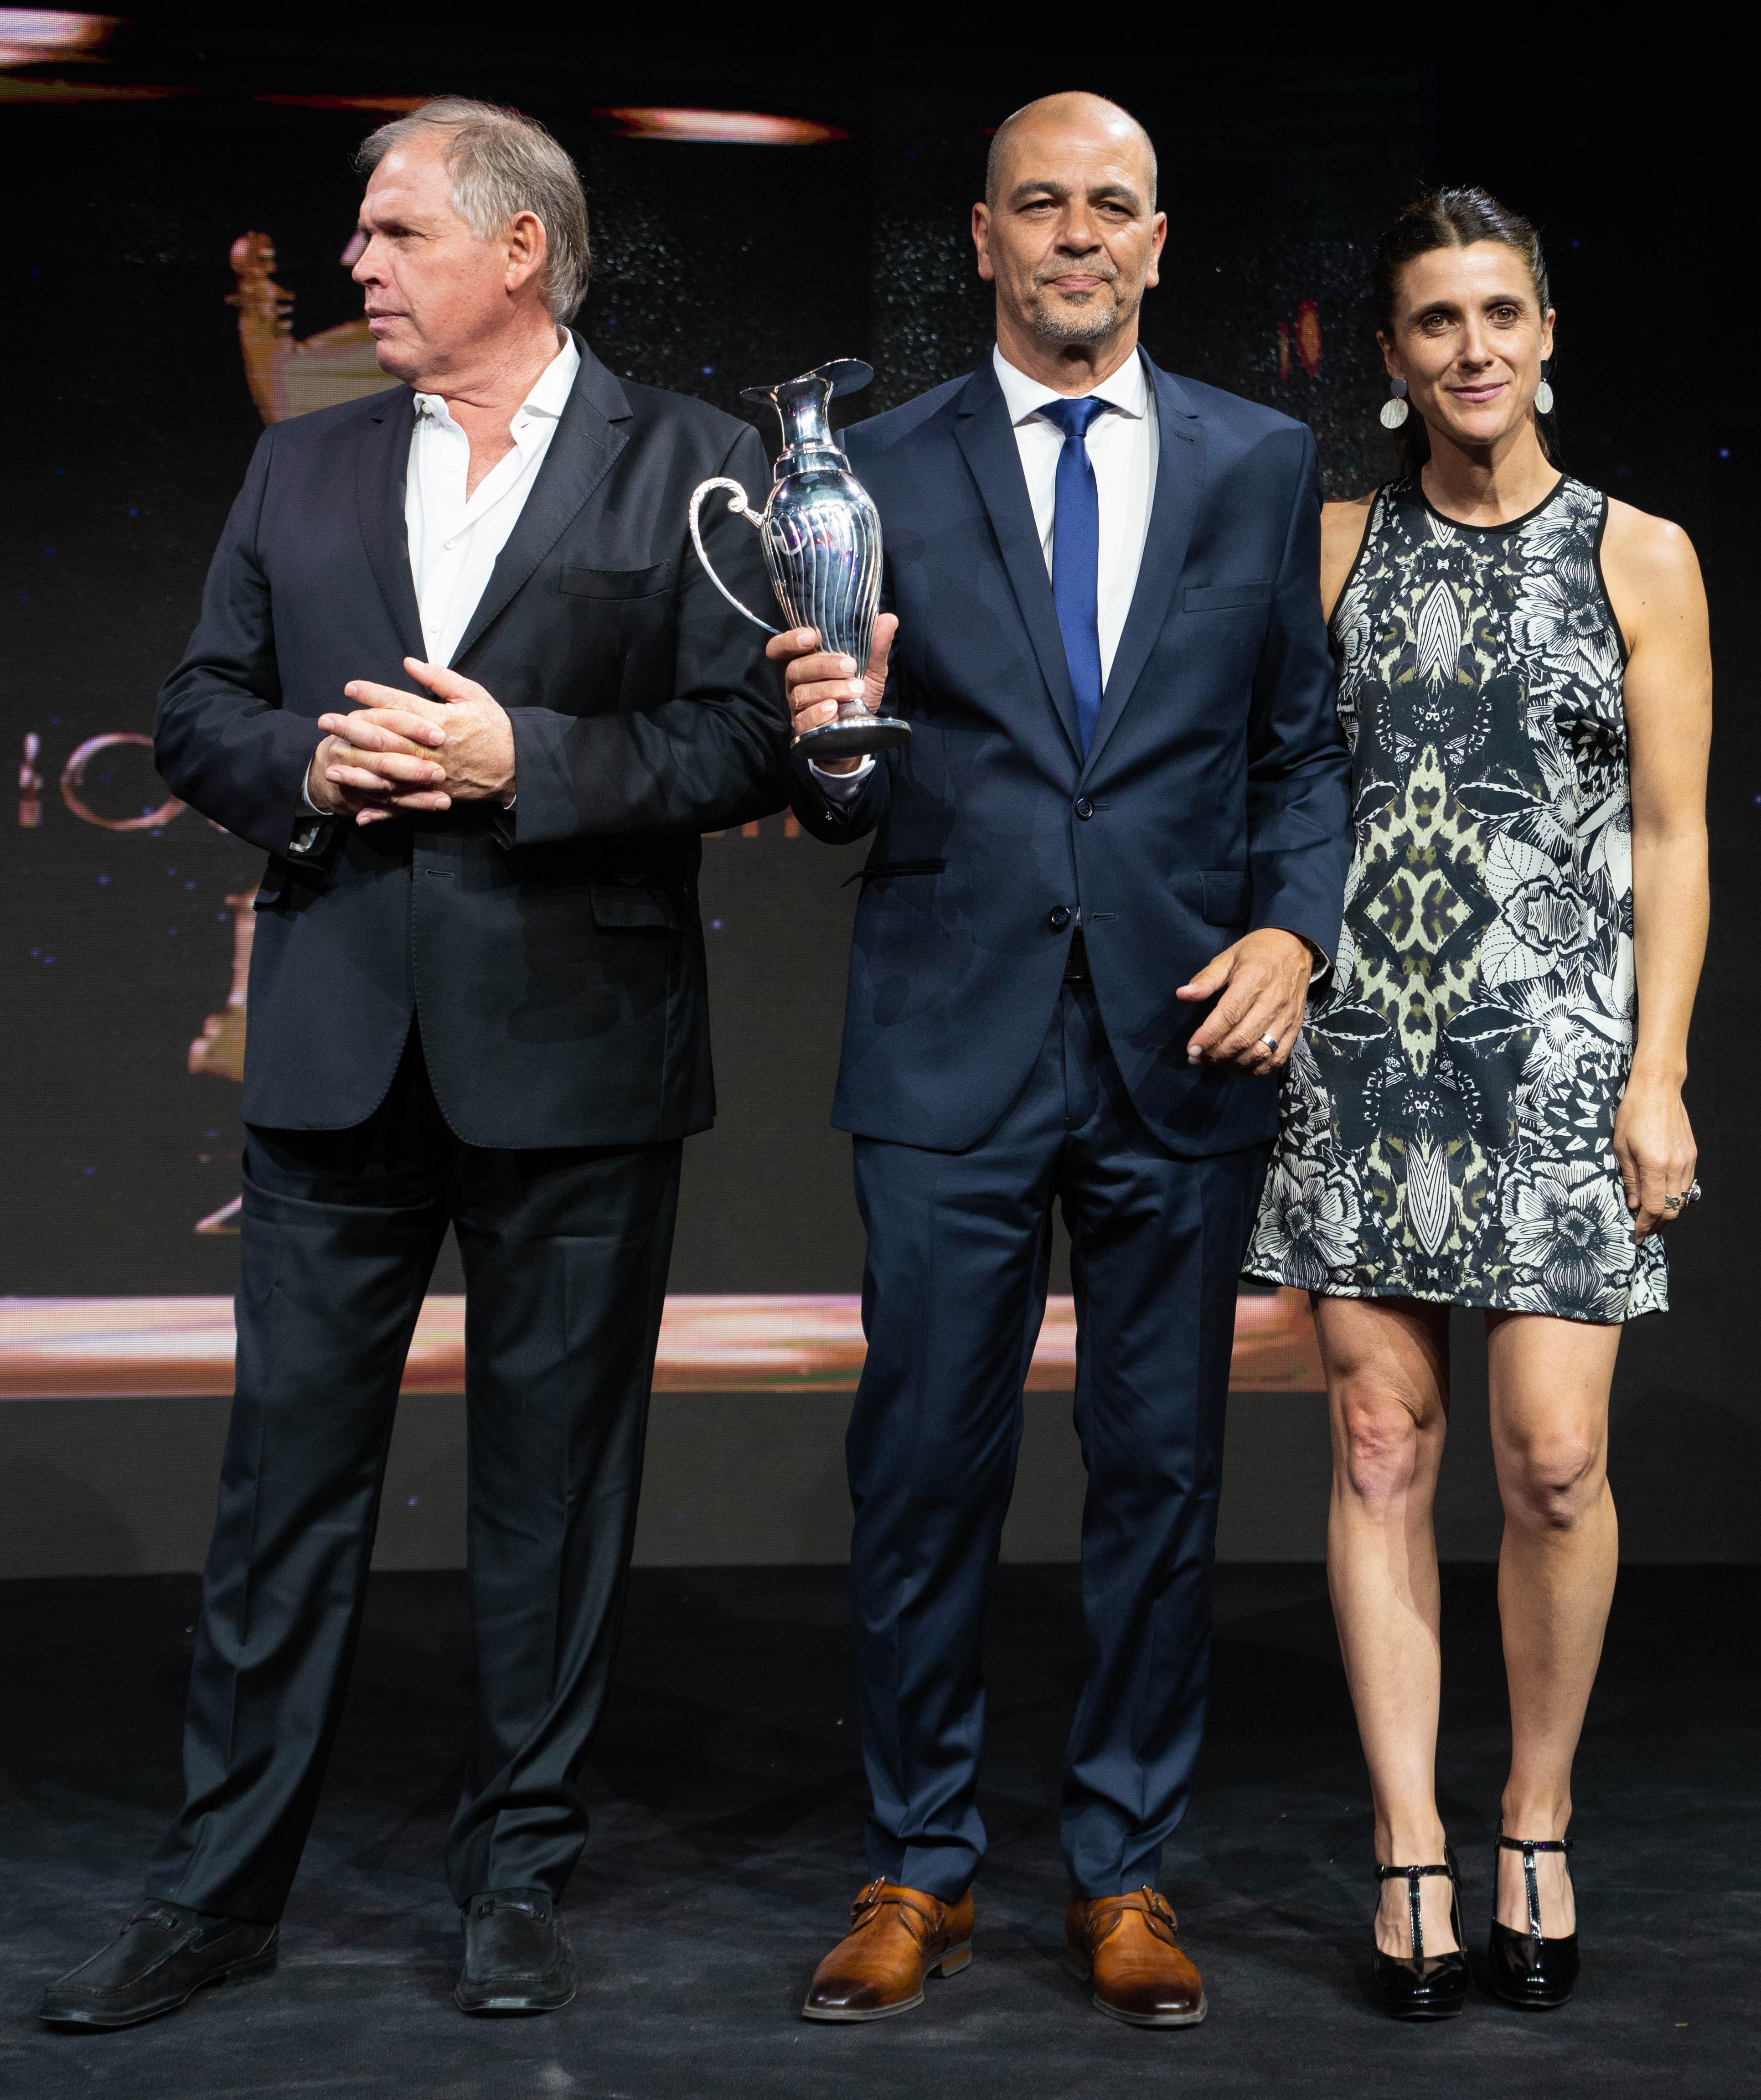 Gerardo Werthein (presidente del Comité Olímpico Argentino), Sergio Hernández (entrenador de la selección de básquet) e Inés Arrondo (secretaria de Deportes de la Nación).